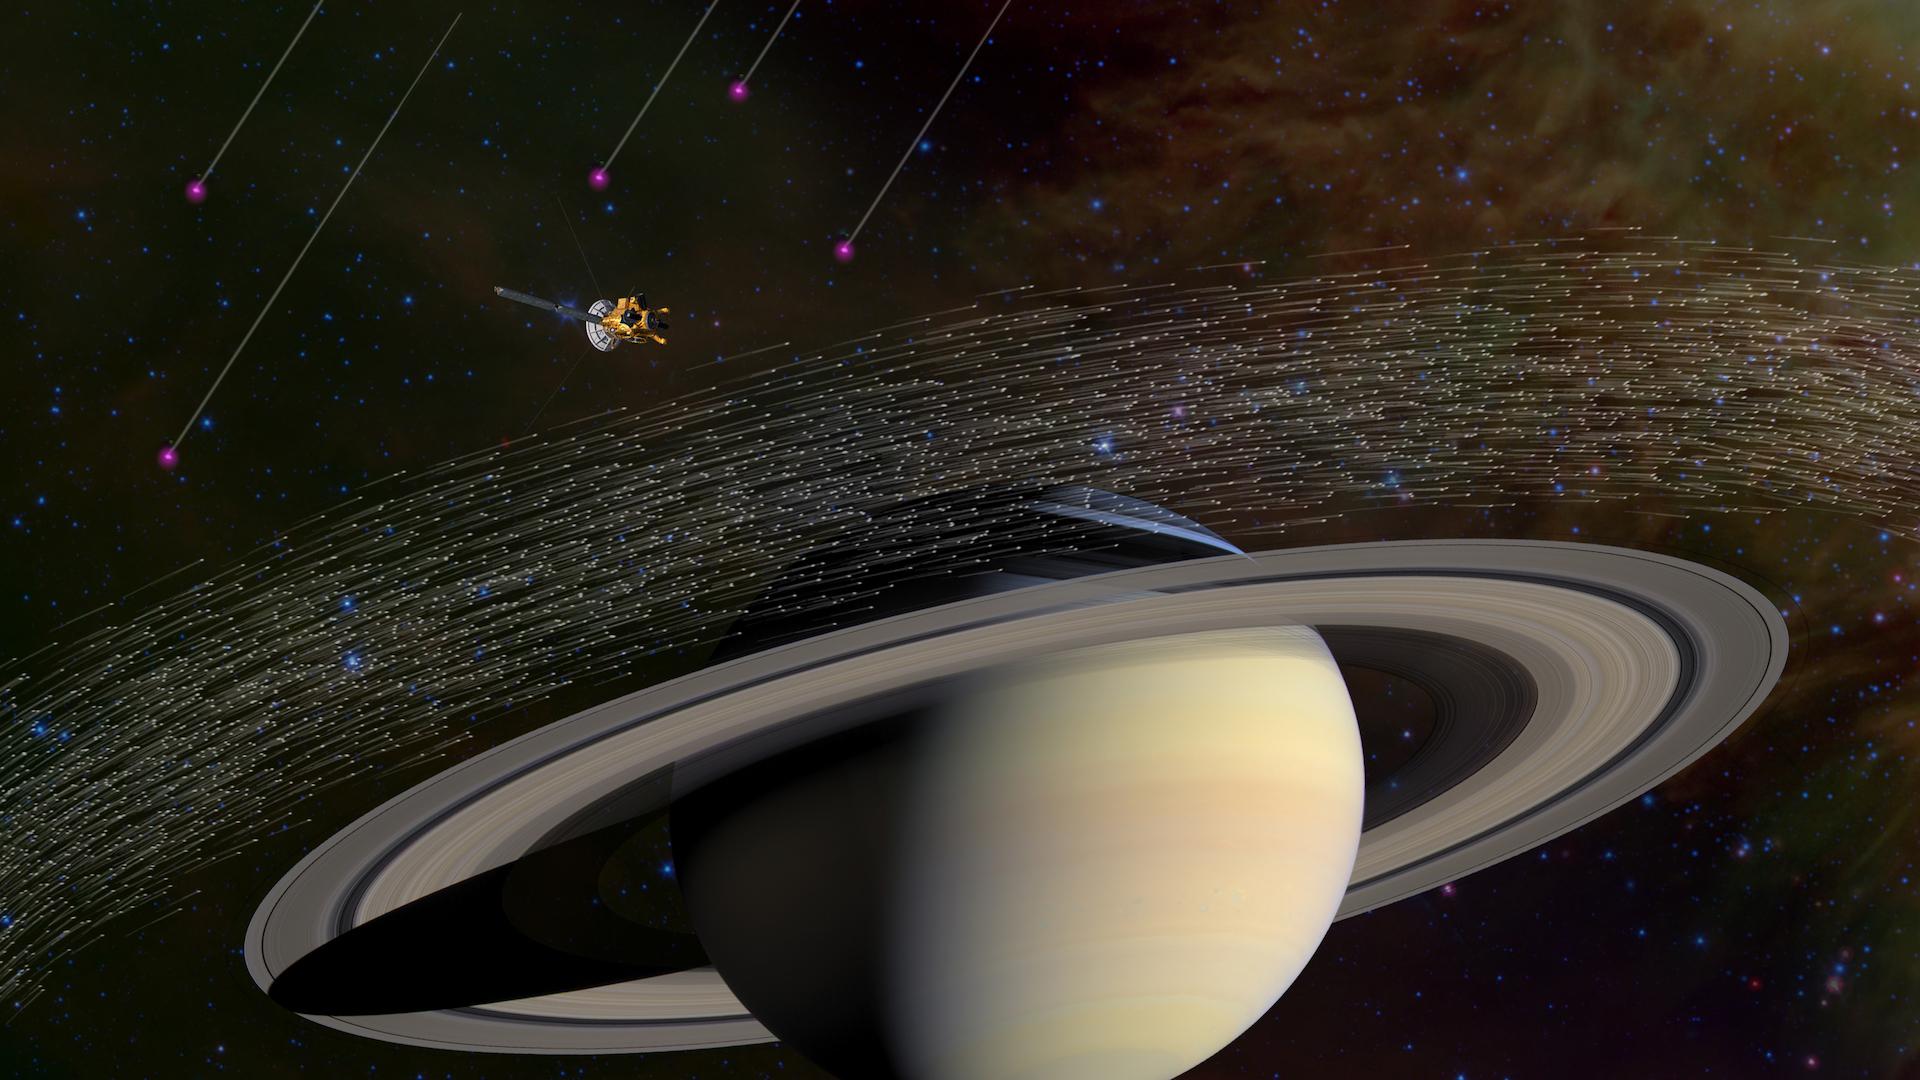 Cómo tomar fotos de la Gran Conjunción de Saturno y Júpiter en 2020